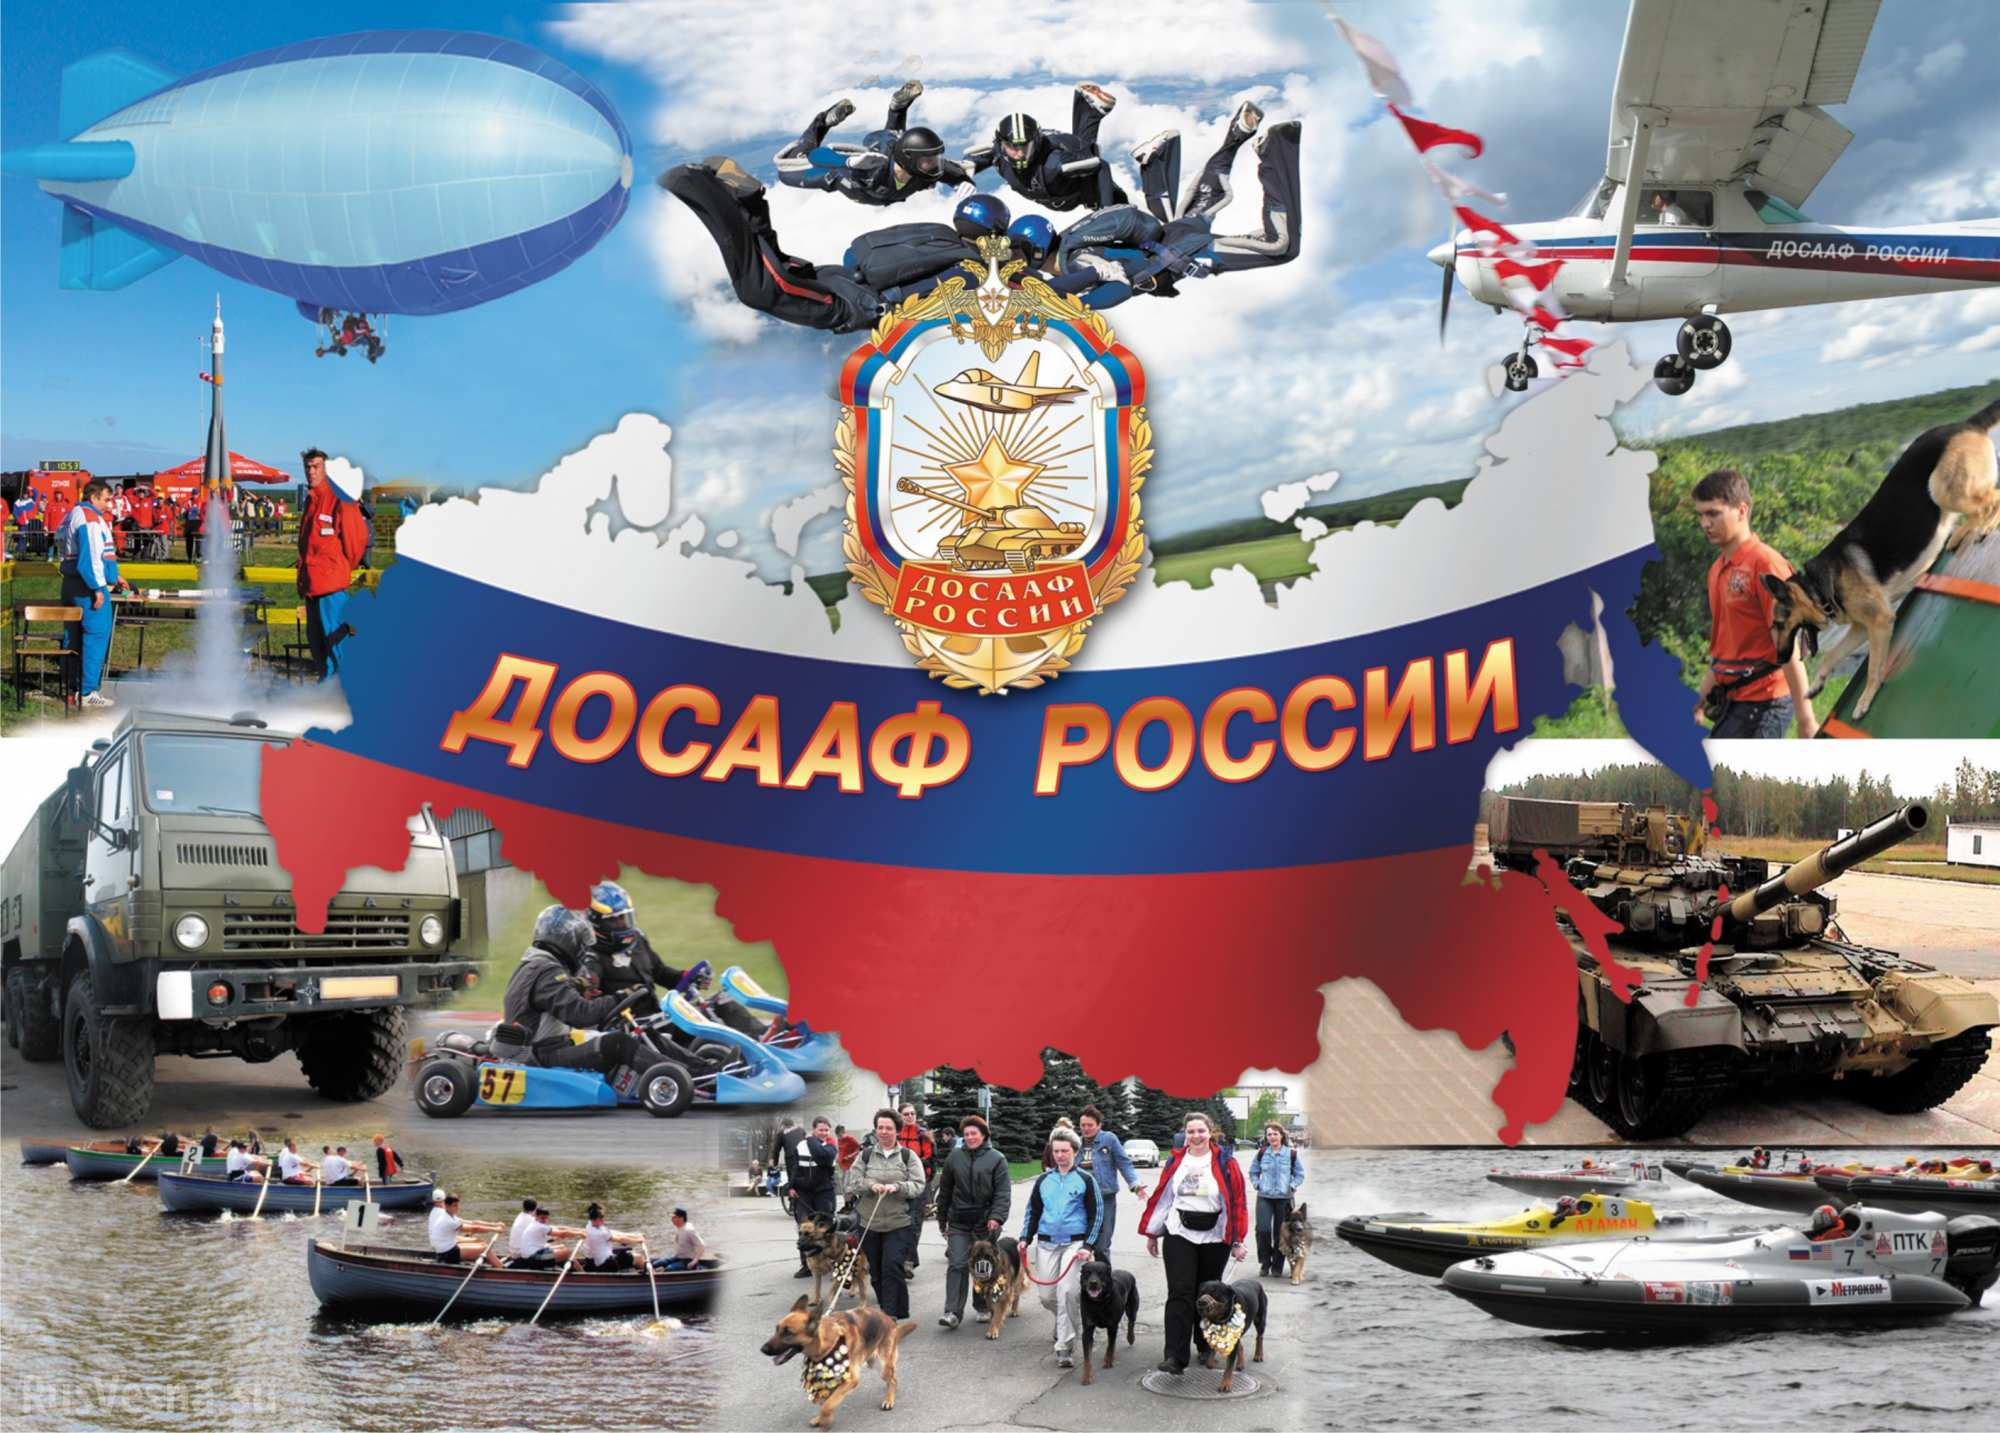 Эмблема досааф россии для вставки на картинку